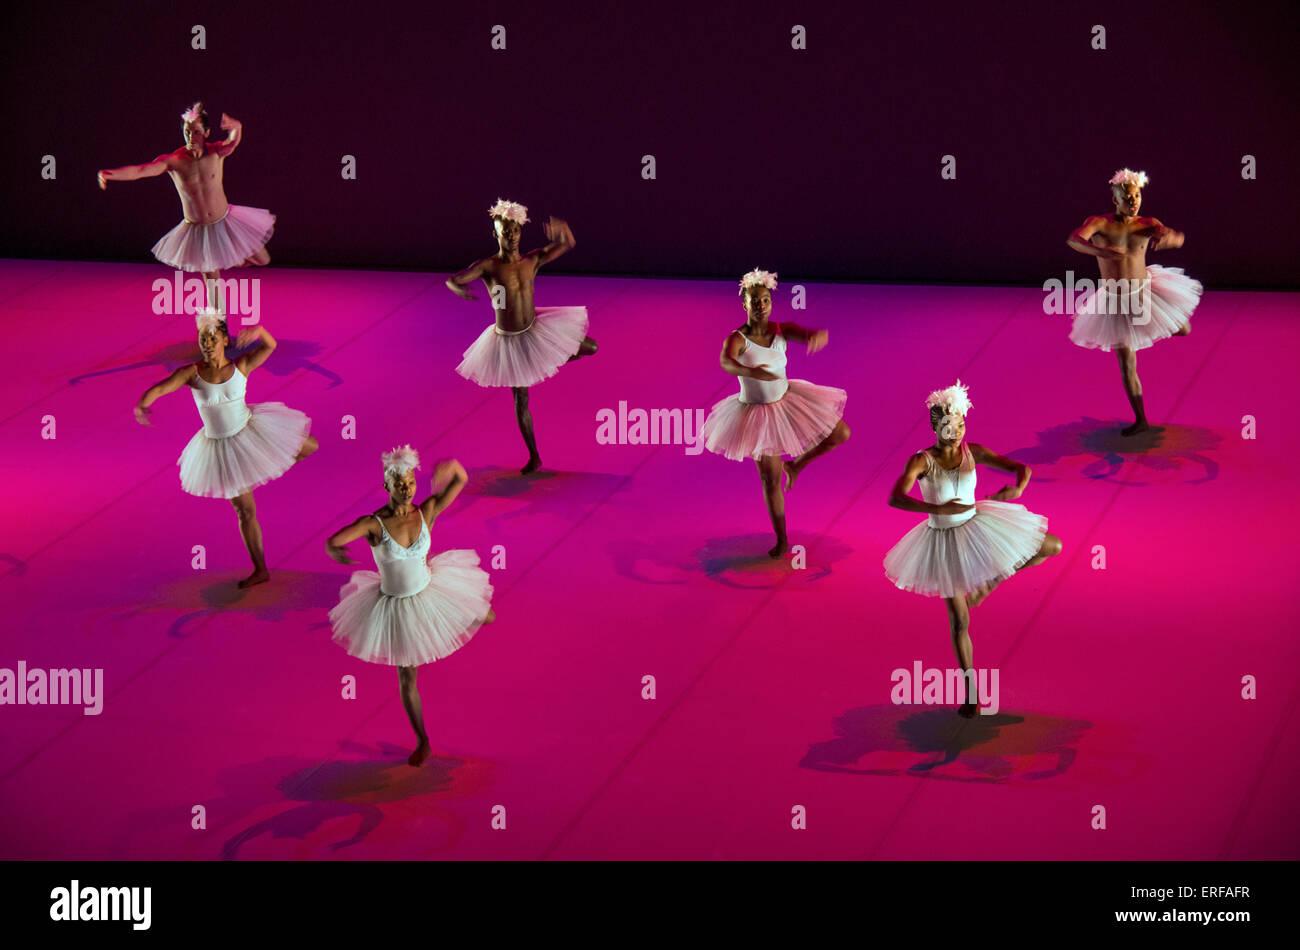 Dada Masilo danseur sud-africain et sa troupe de danse dans sa version inhabituelle de Swan Lake. Photo Stock